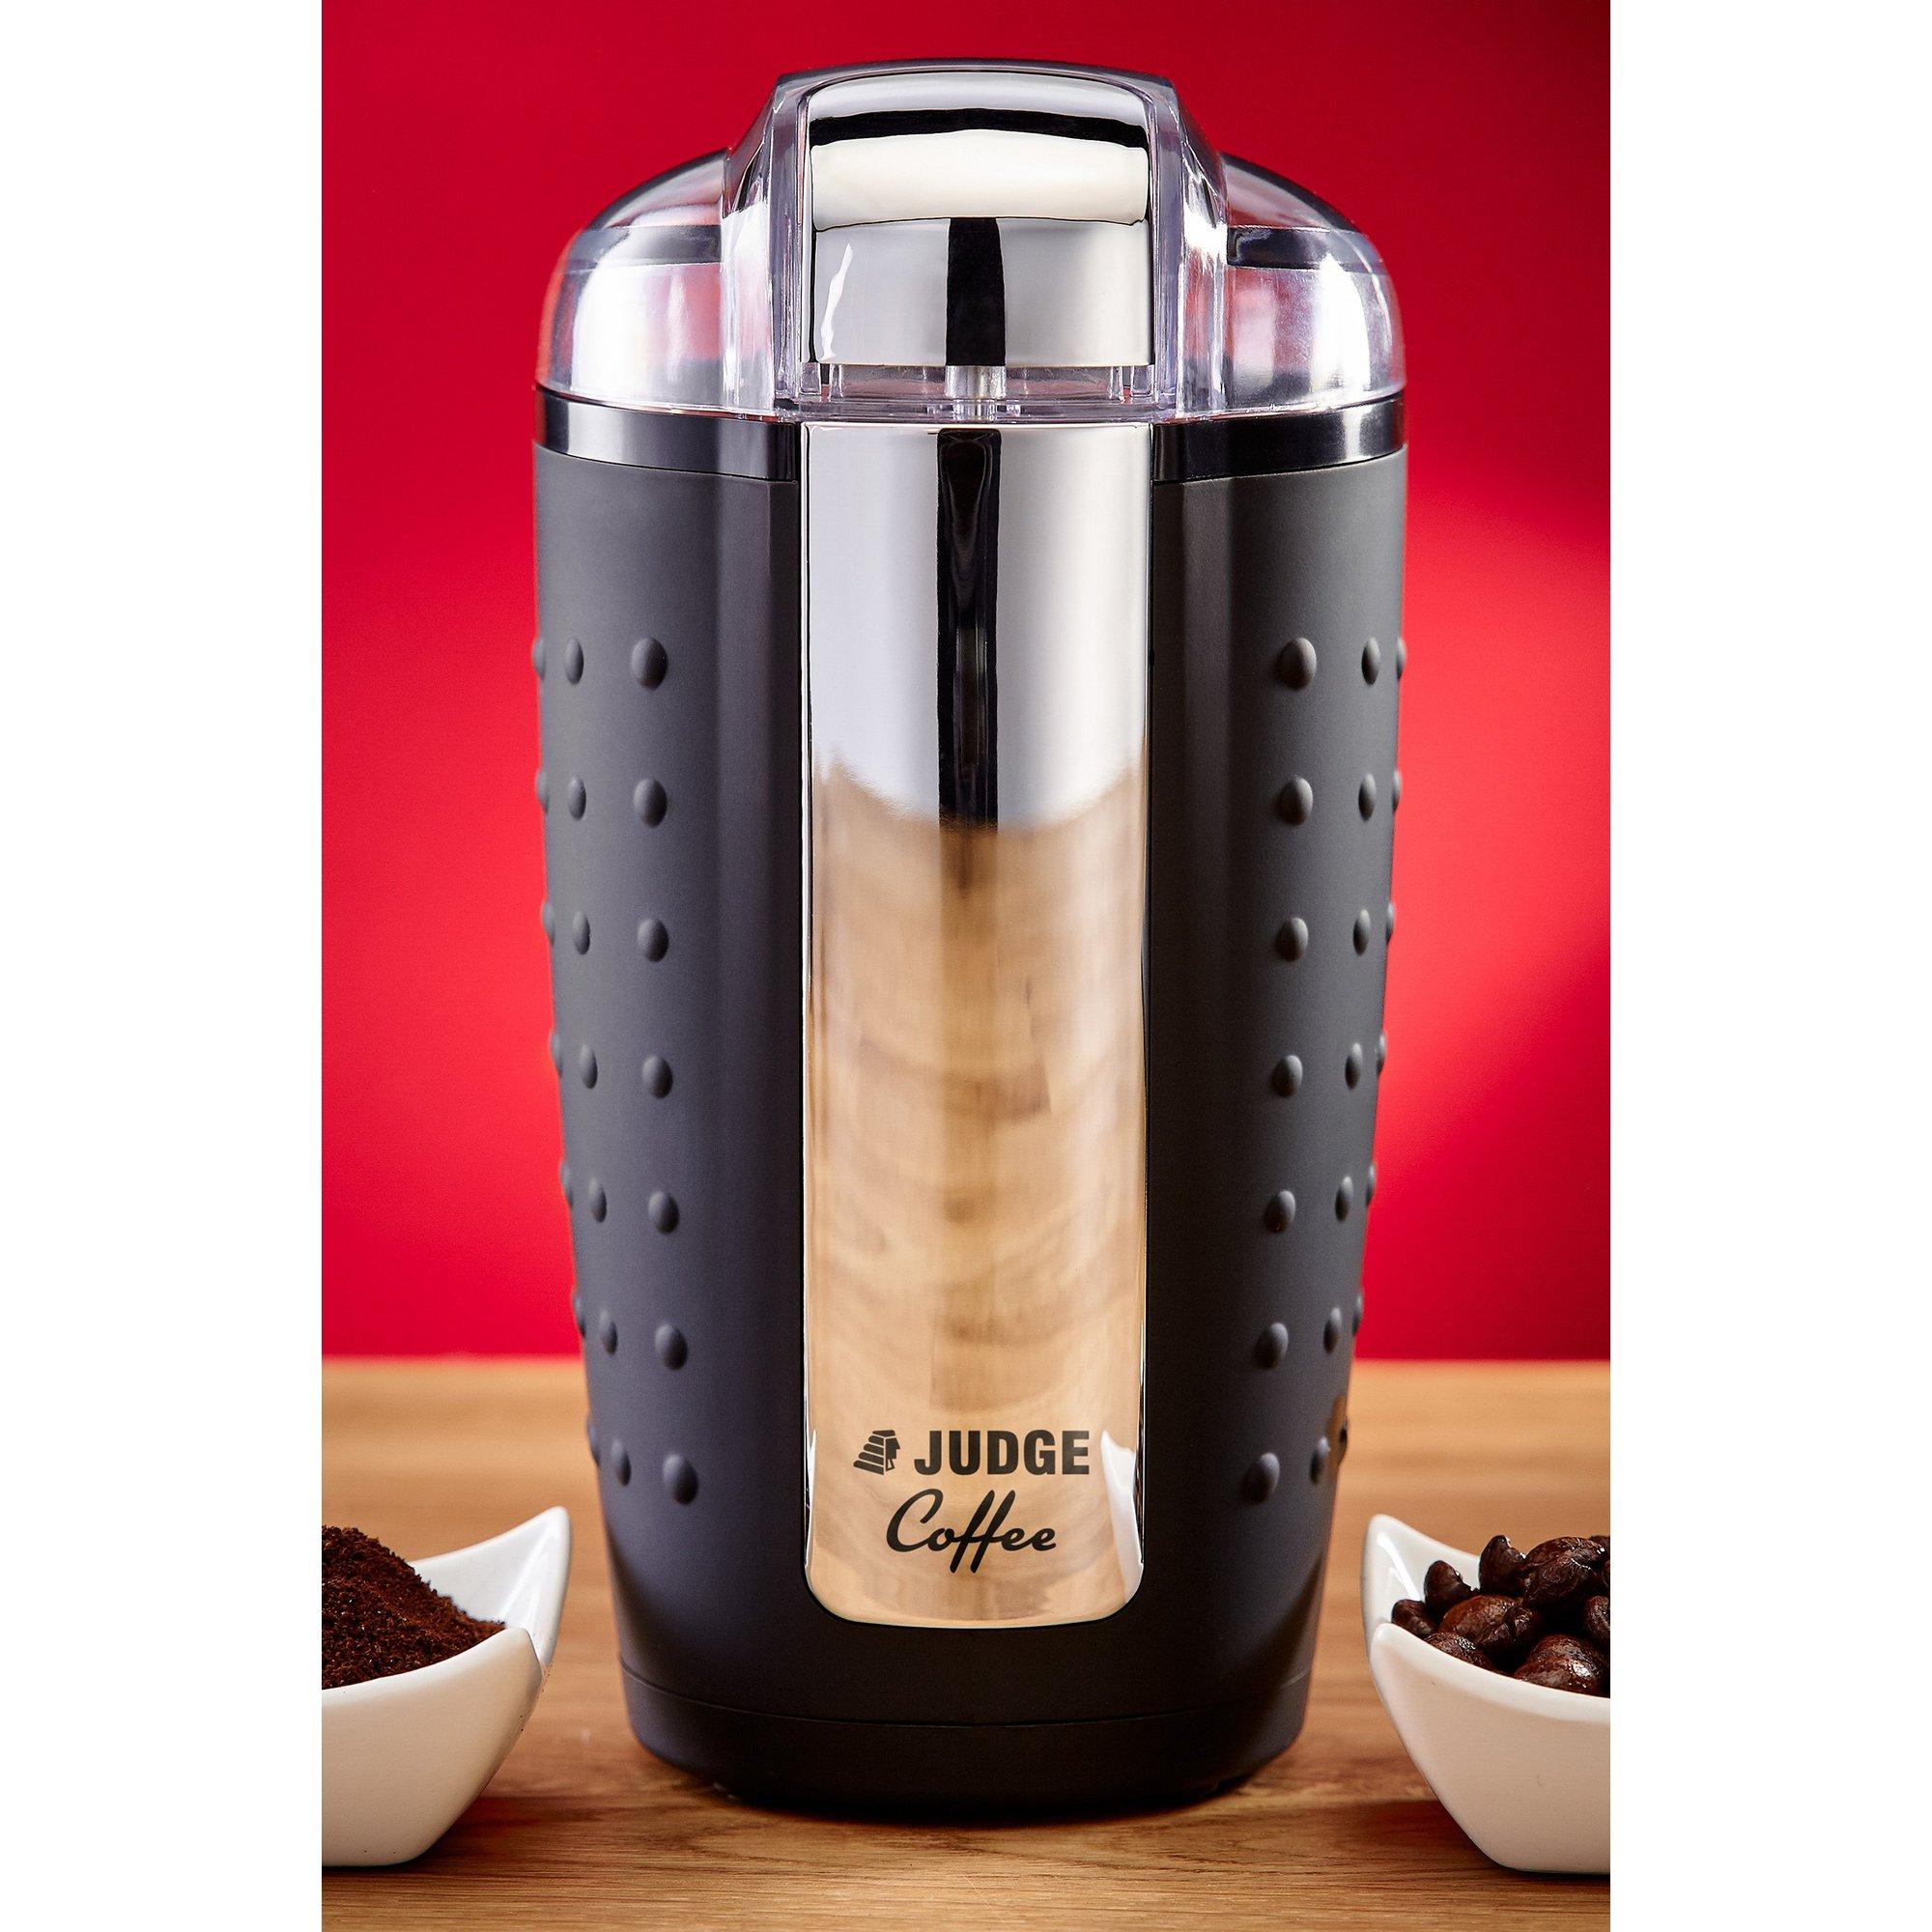 Image of Judge Coffee Grinder